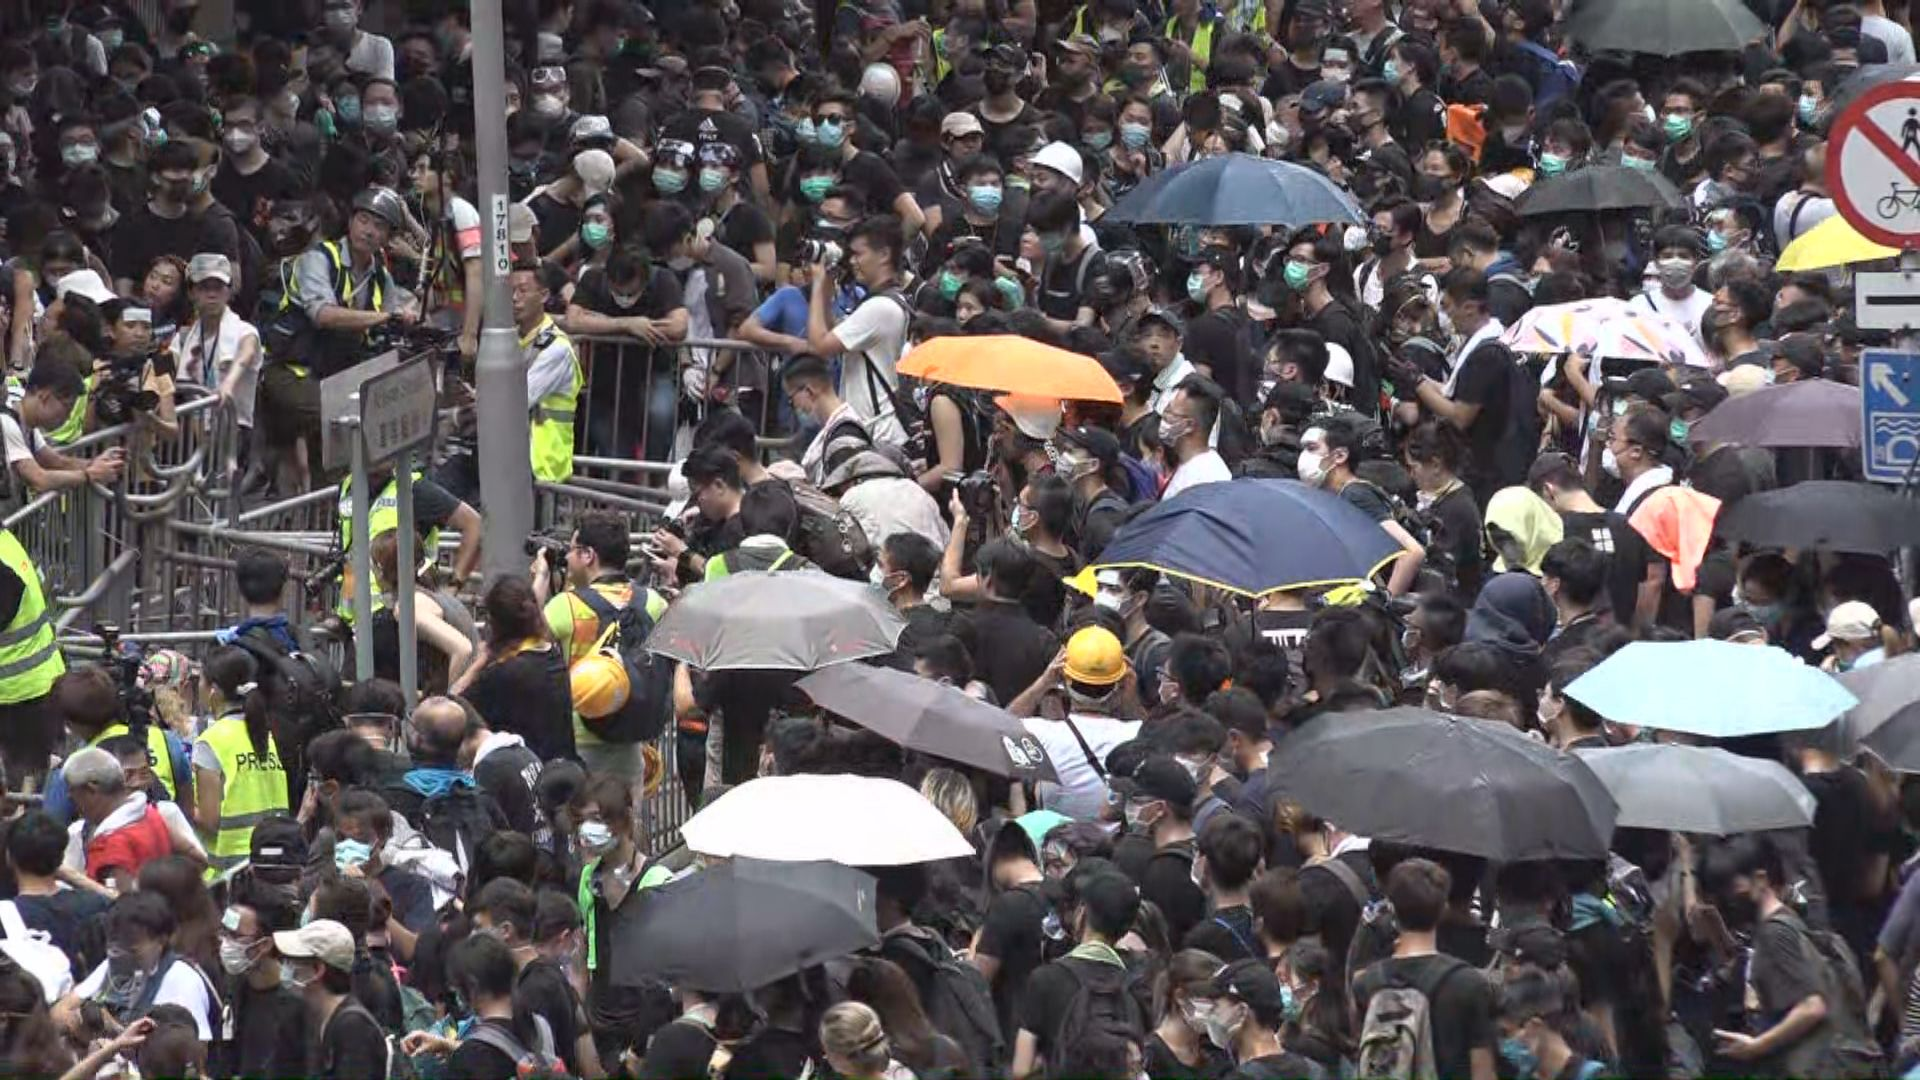 示威者包圍警總要求與盧偉聰對話